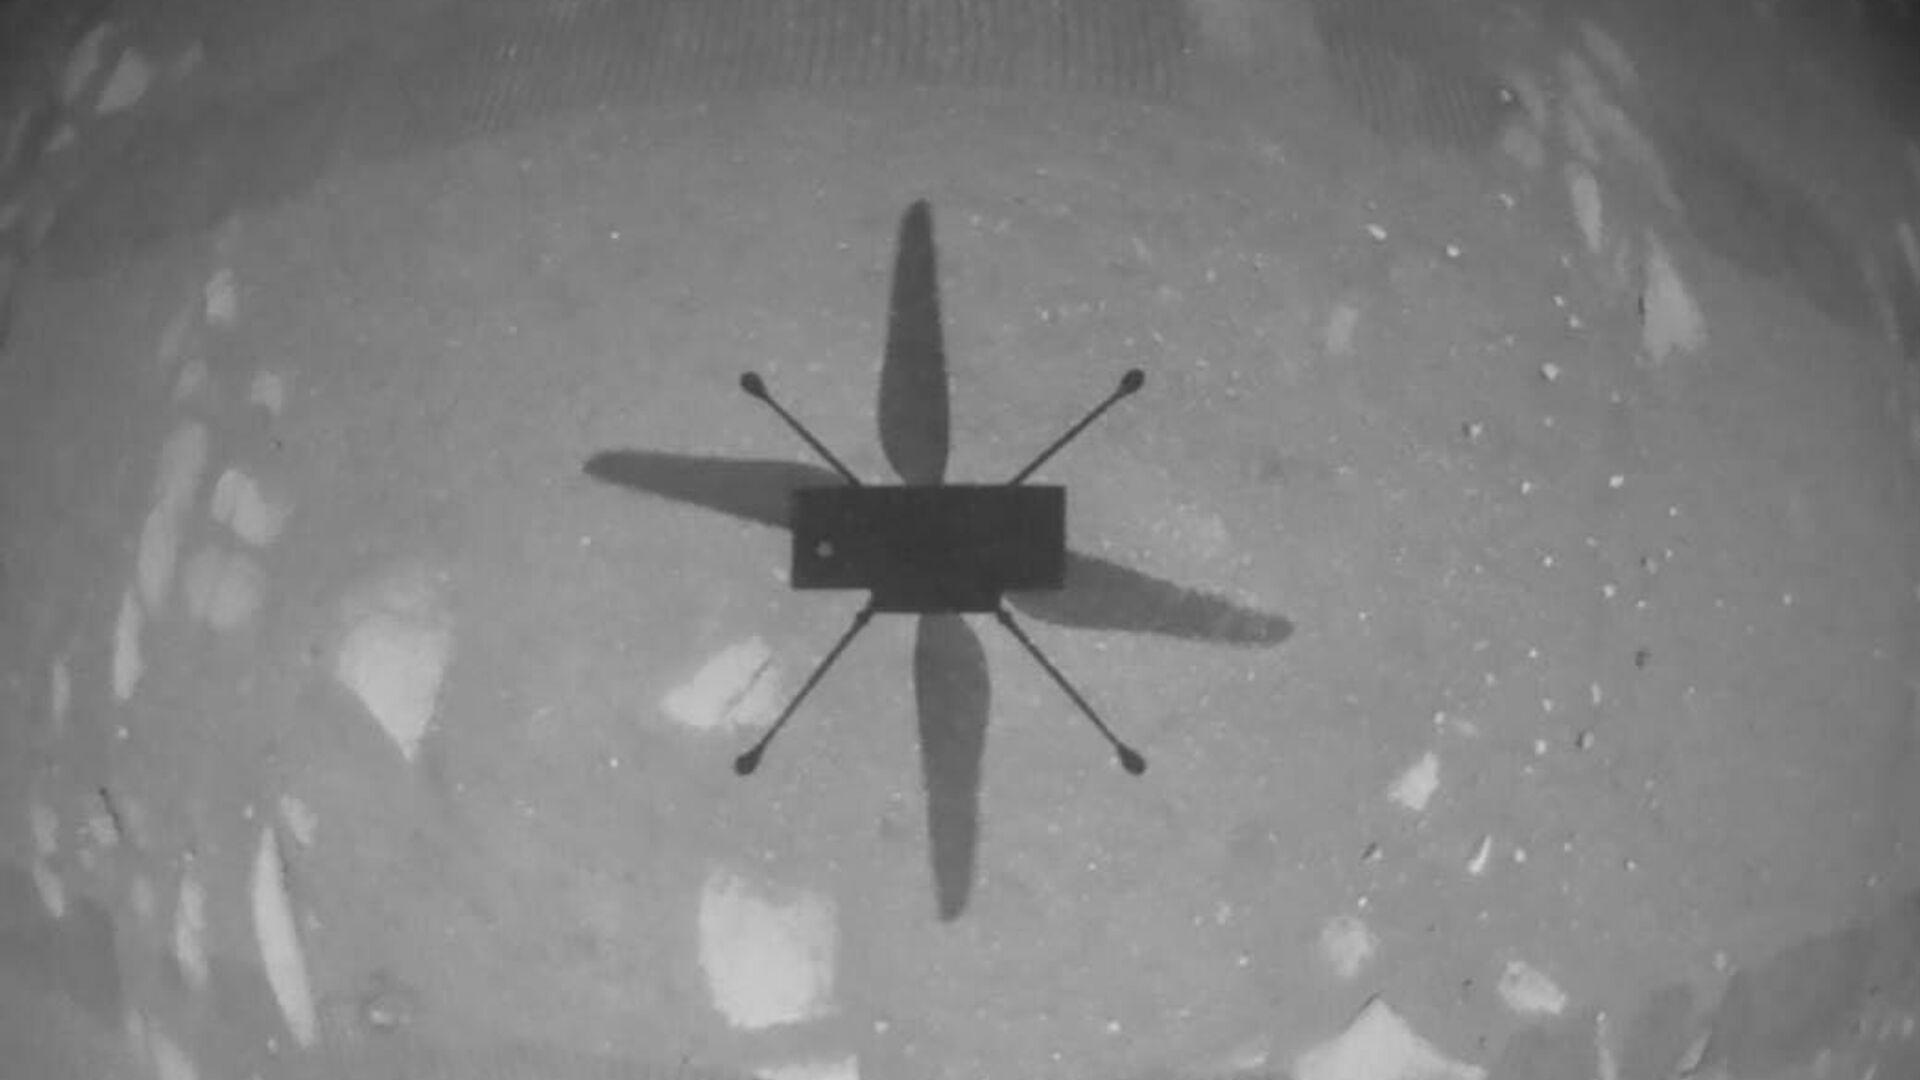 Первое фото, сделанное беспилотным вертолетом НАСА Ingenuity - РИА Новости, 1920, 19.04.2021